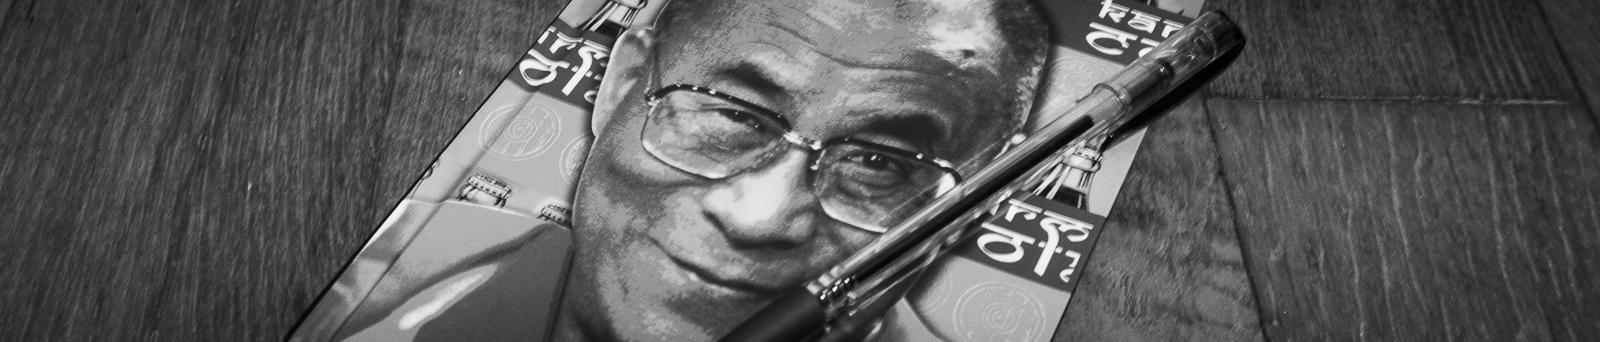 Dalai Lama notebook and pen